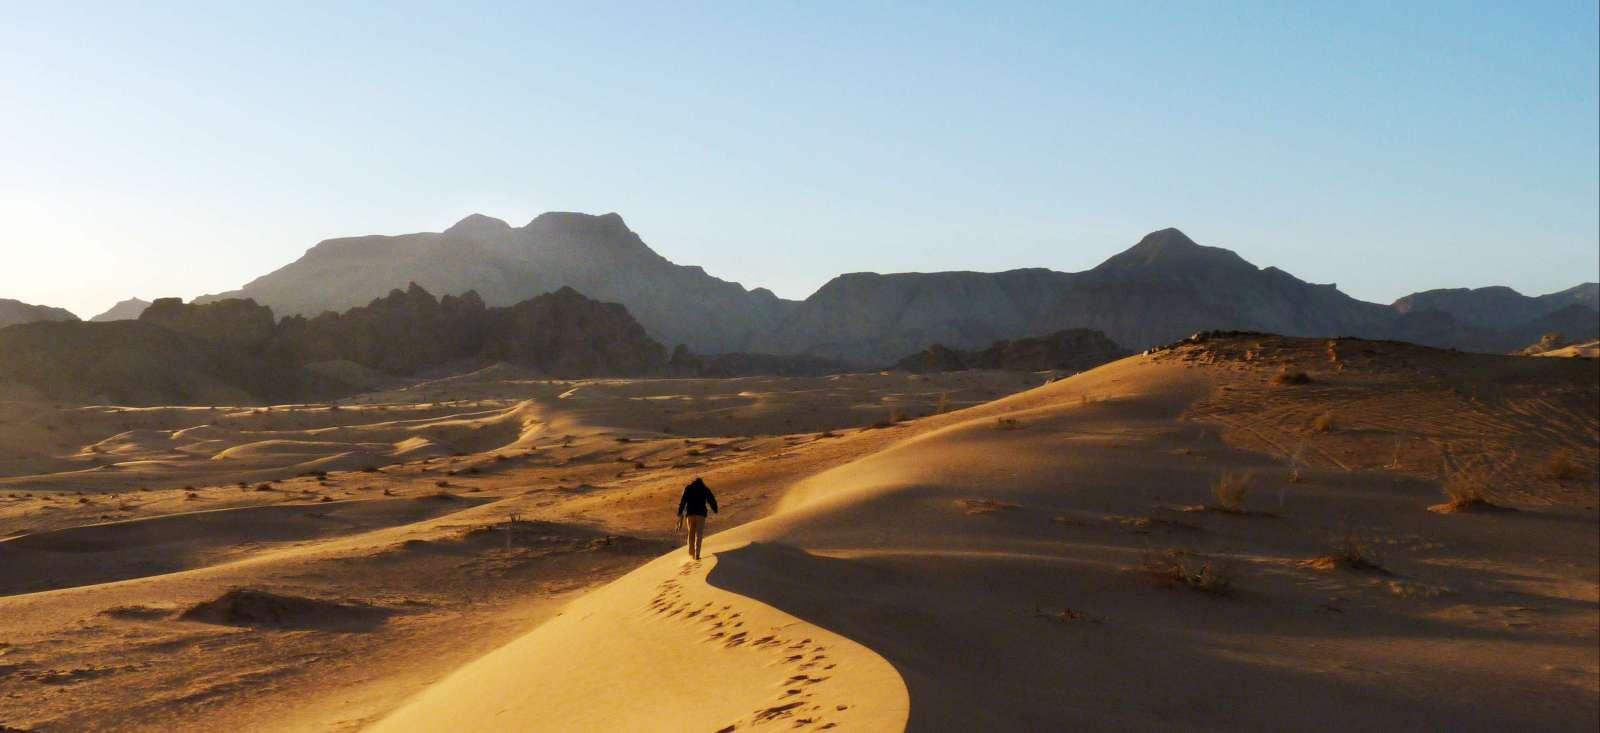 Voyage à pied : Wadi Rum, à Petra par la vallée arc-en-ciel